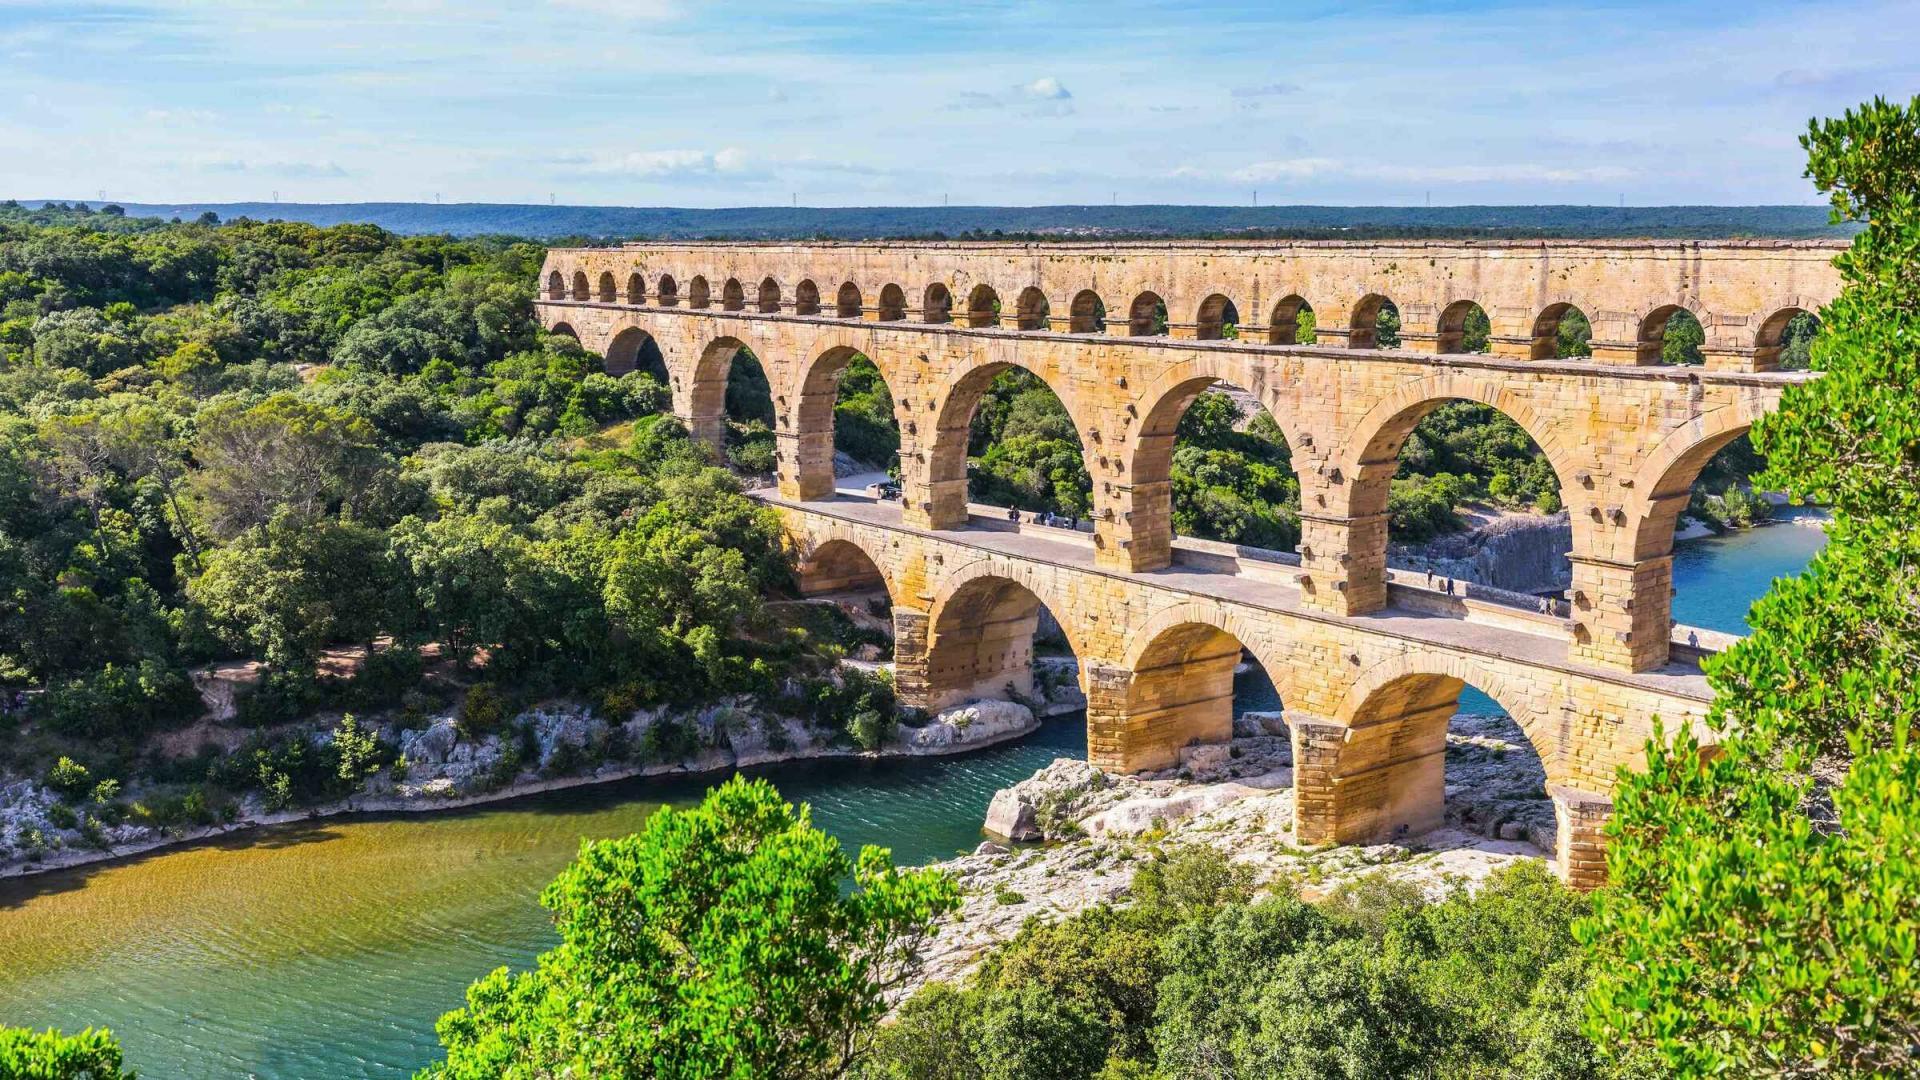 Pont du gard getyourguide